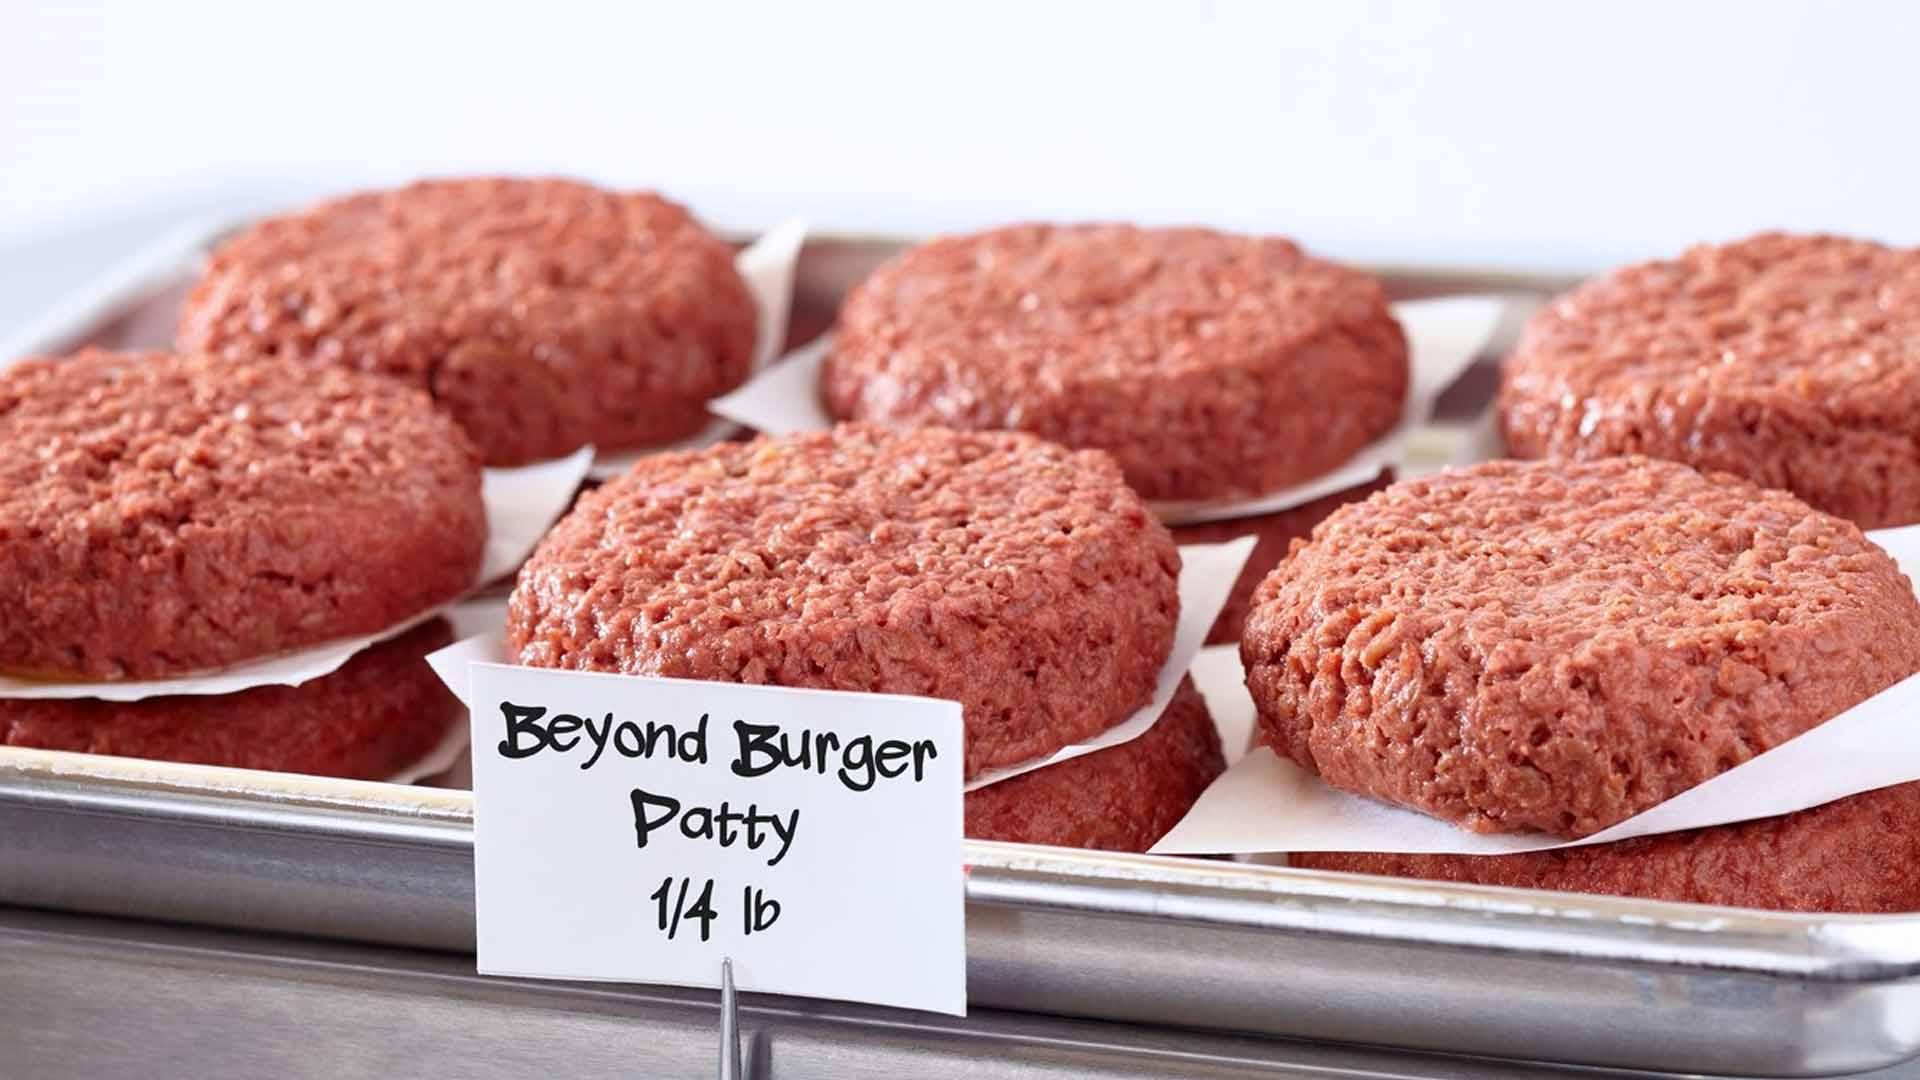 La carne vegetale è fatta per sembrare carne di animale